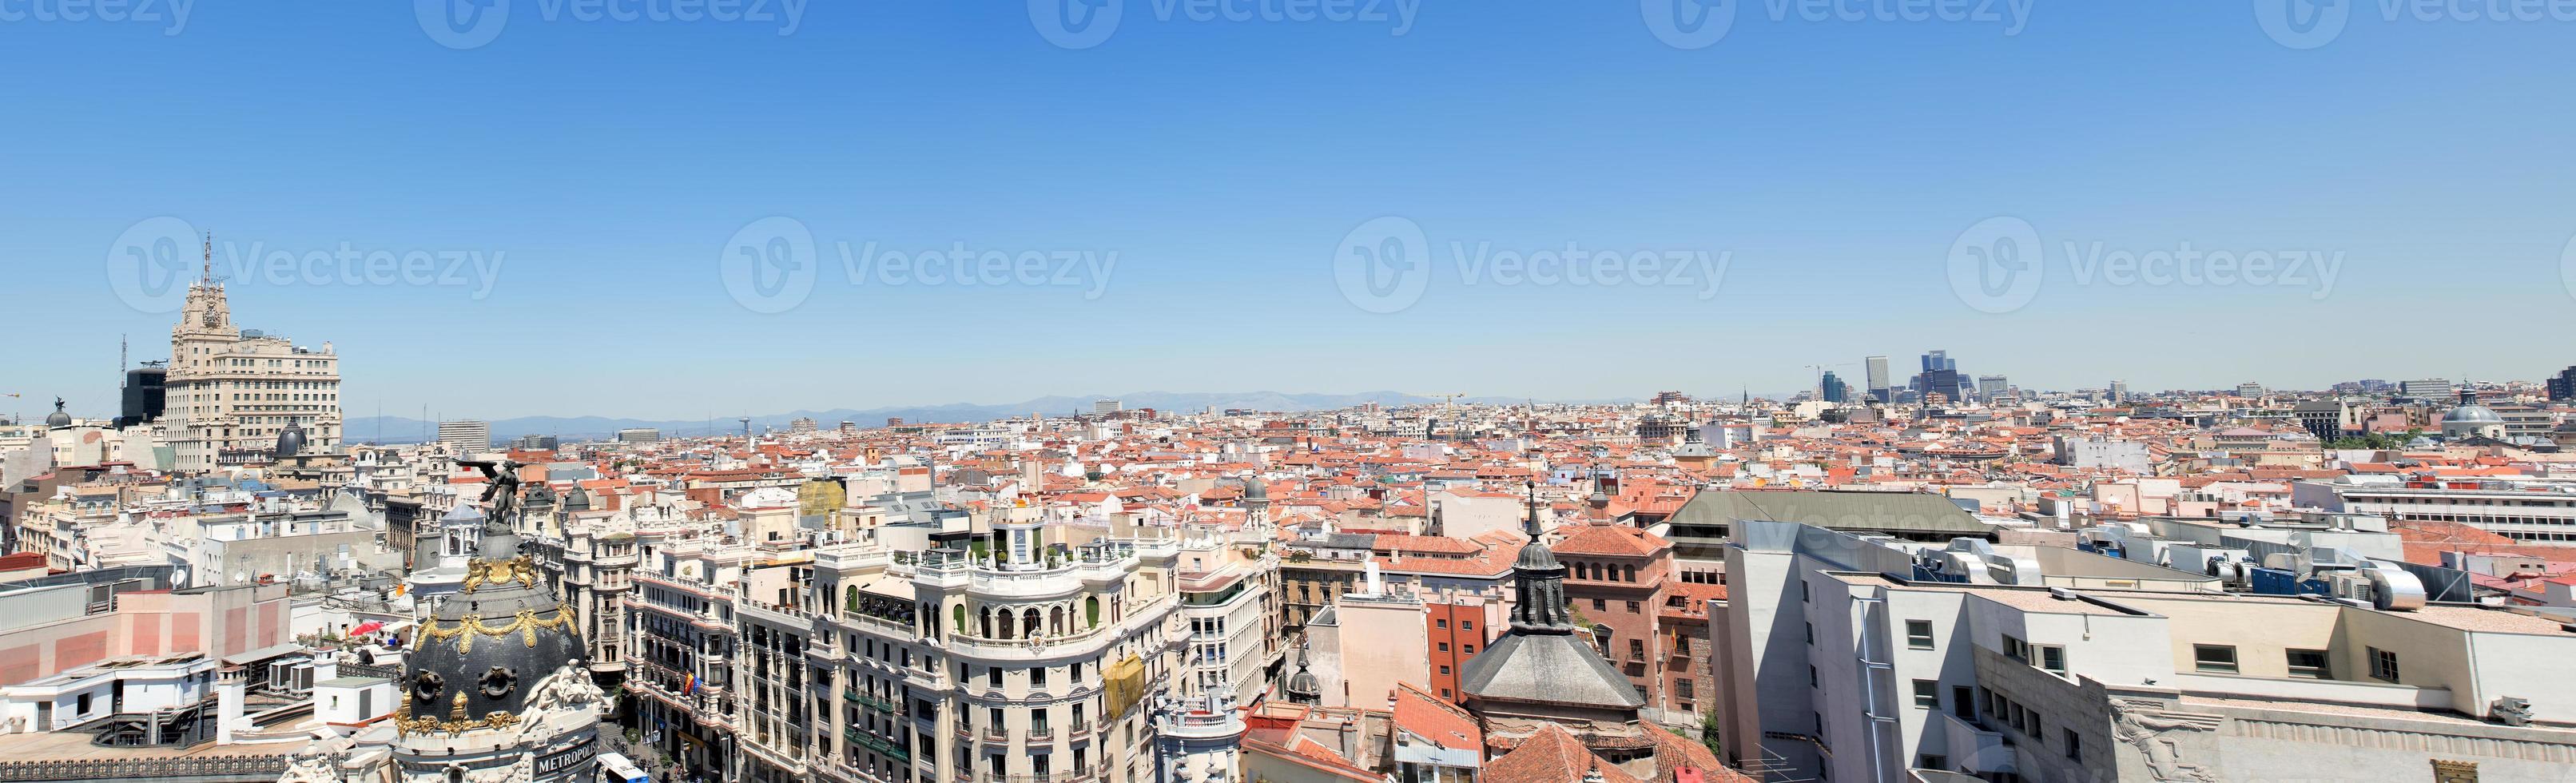 panoramautsikt över staden foto